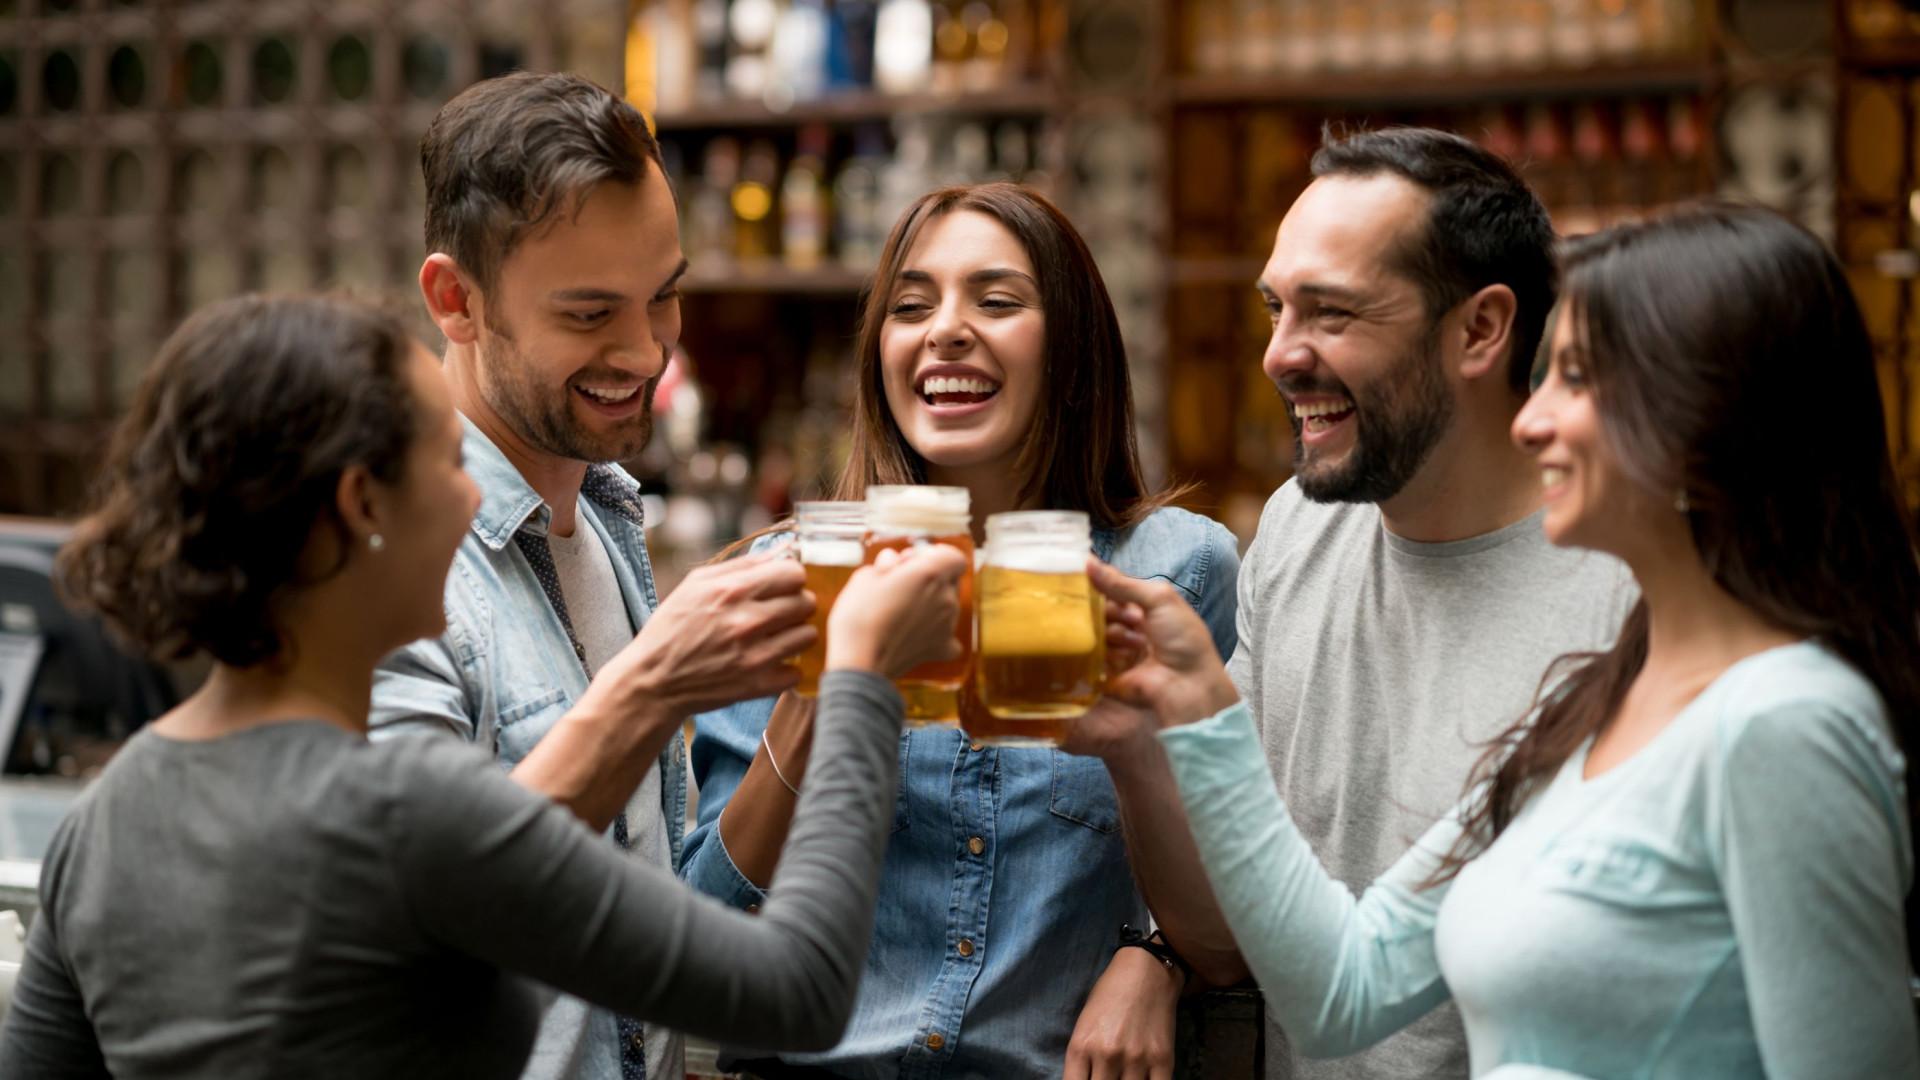 O álcool afeta homens e mulheres de maneira diferente. Quem sofre mais?